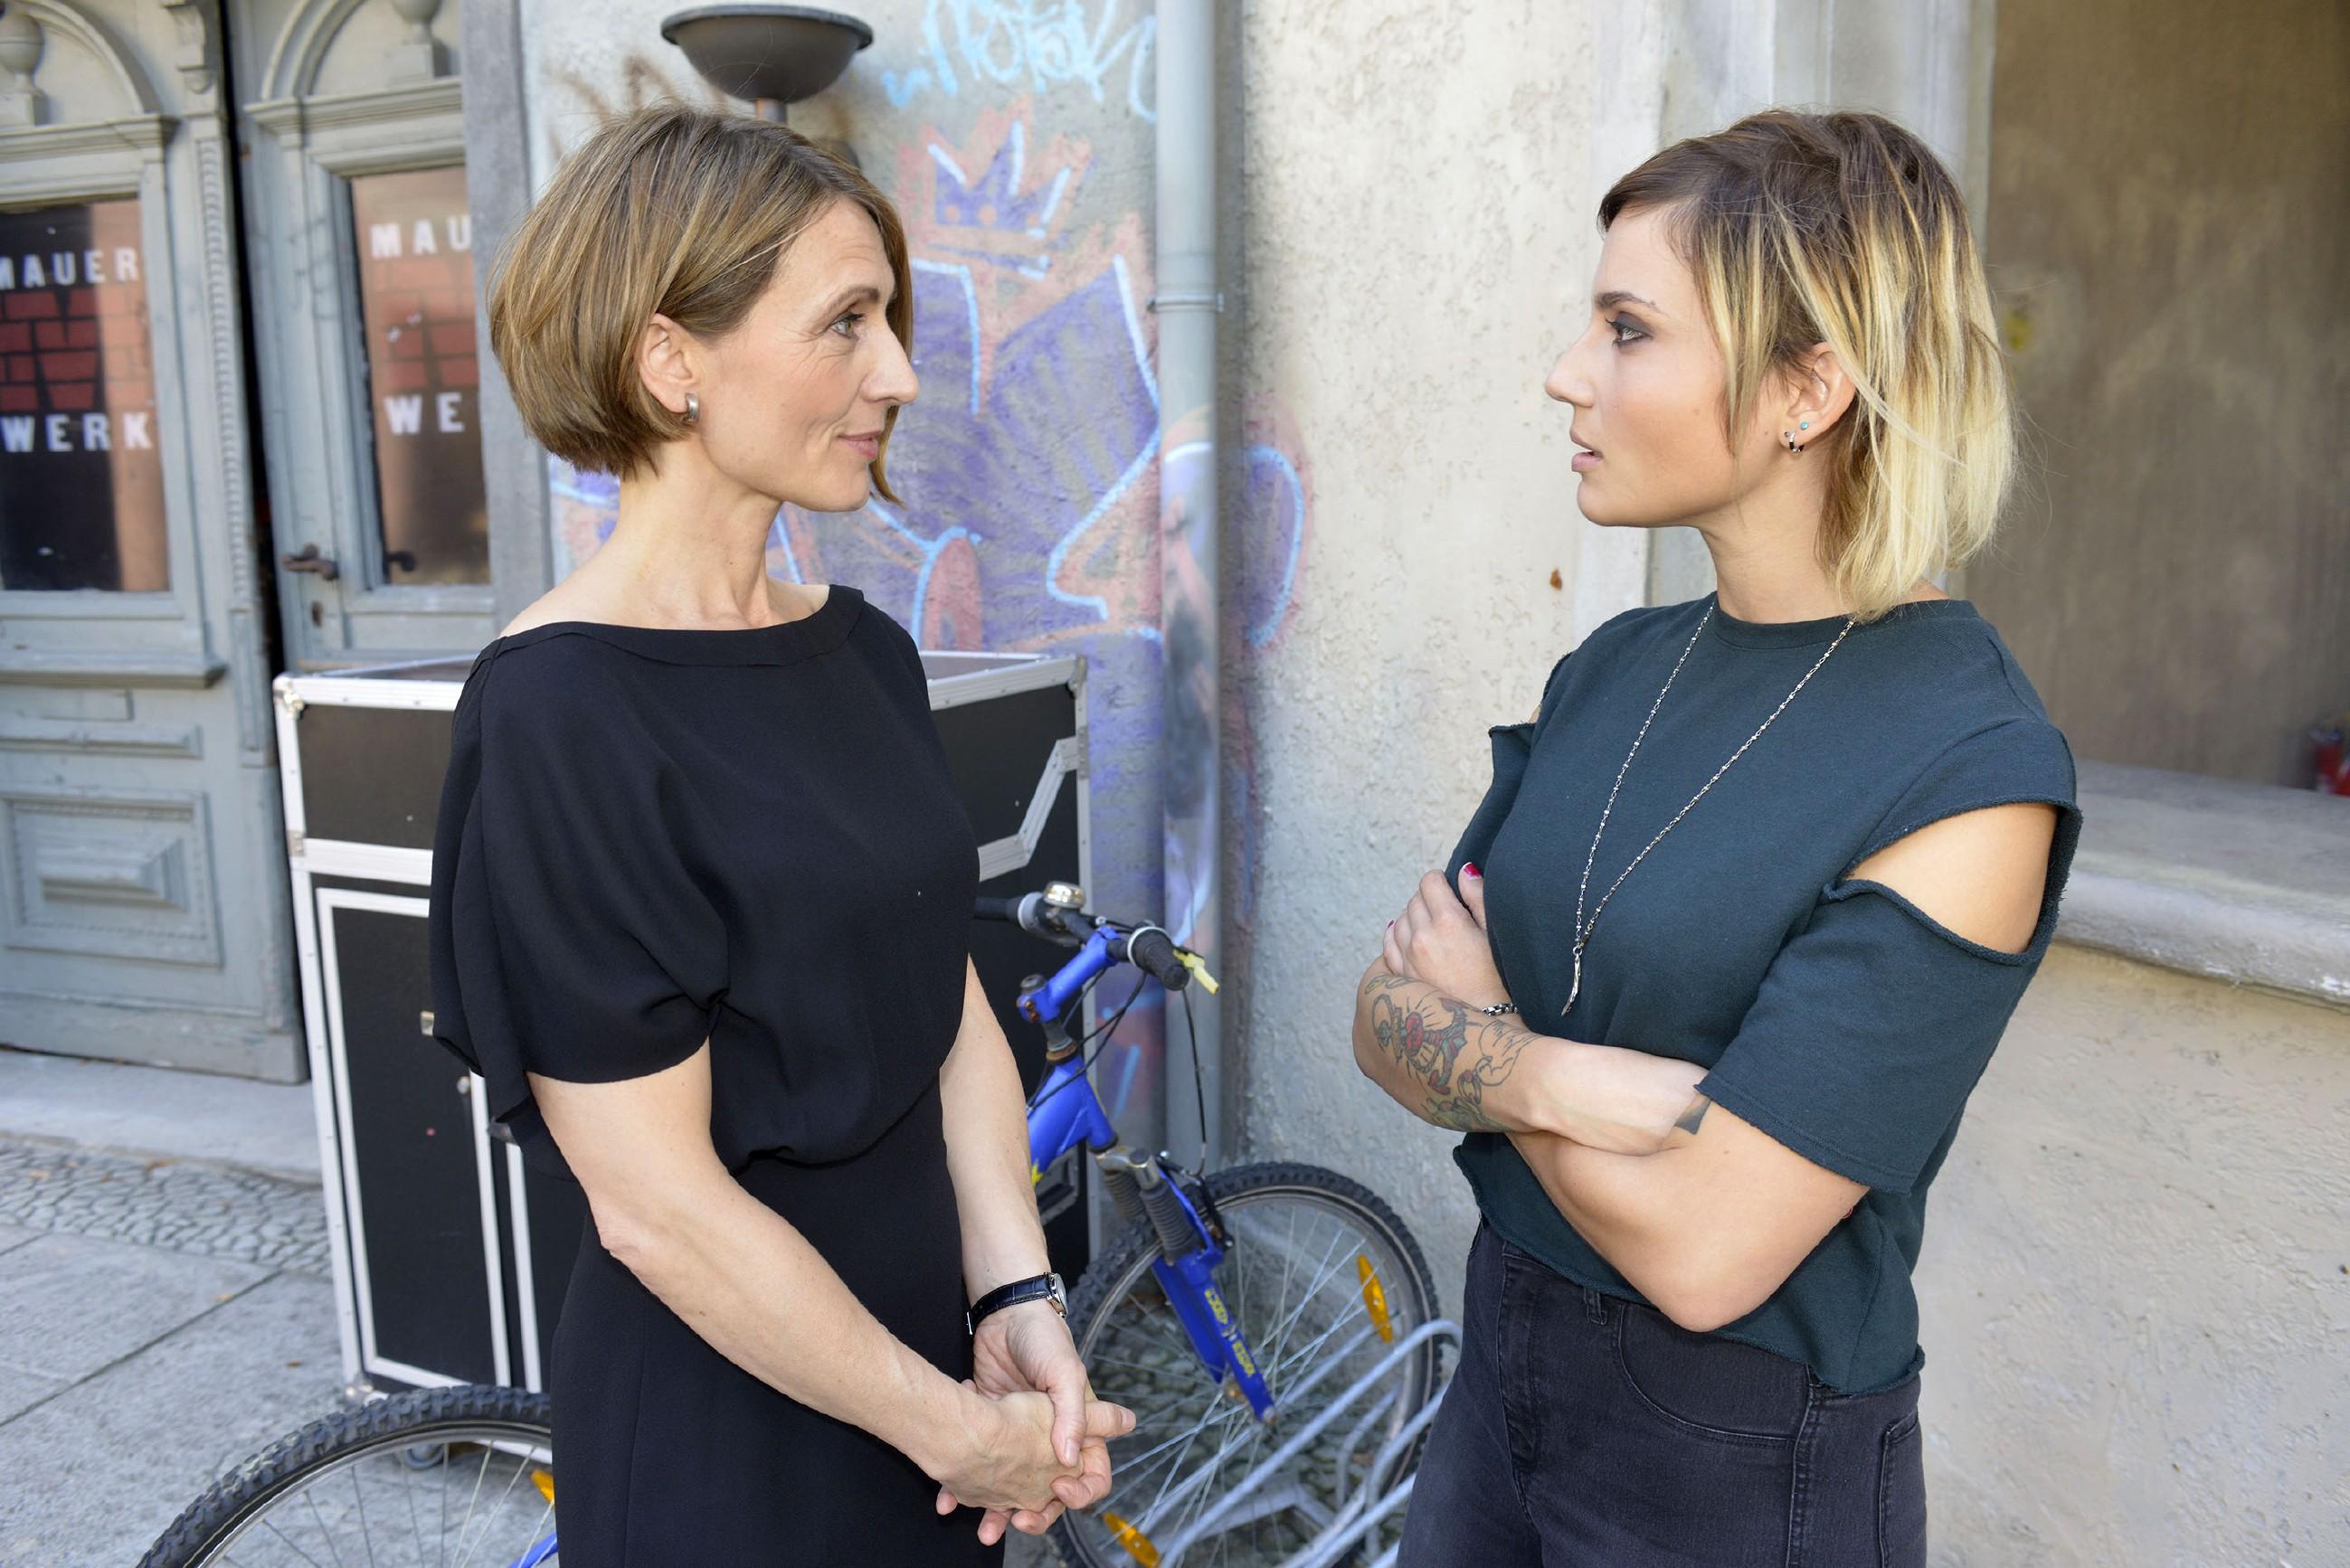 Auch wenn Anni (Linda Marlen Runge, r.) die Gegensätze zwischen Rosa (Joana Schümer) und ihr manchmal zum Wahnsinn treiben, hat sie weiter Spaß an der lockeren Affäre. (Quelle: RTL / Rolf Baumgartner)